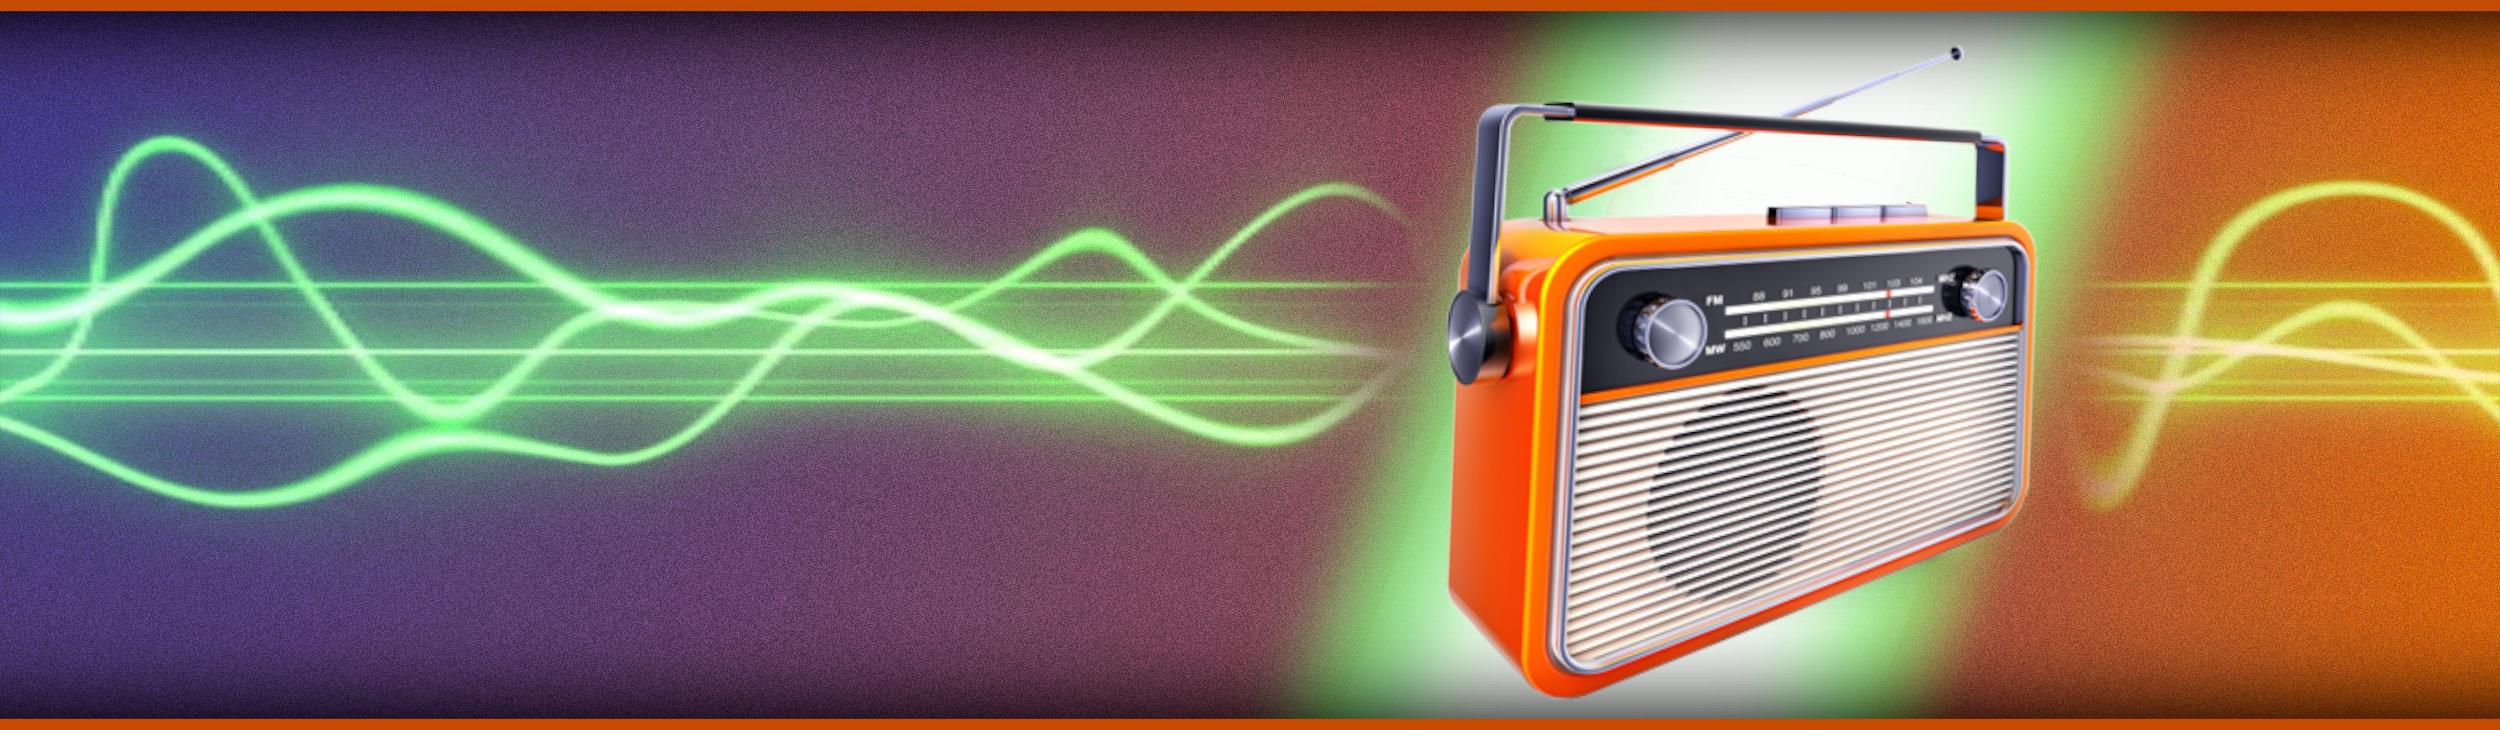 Émissions radiophoniques